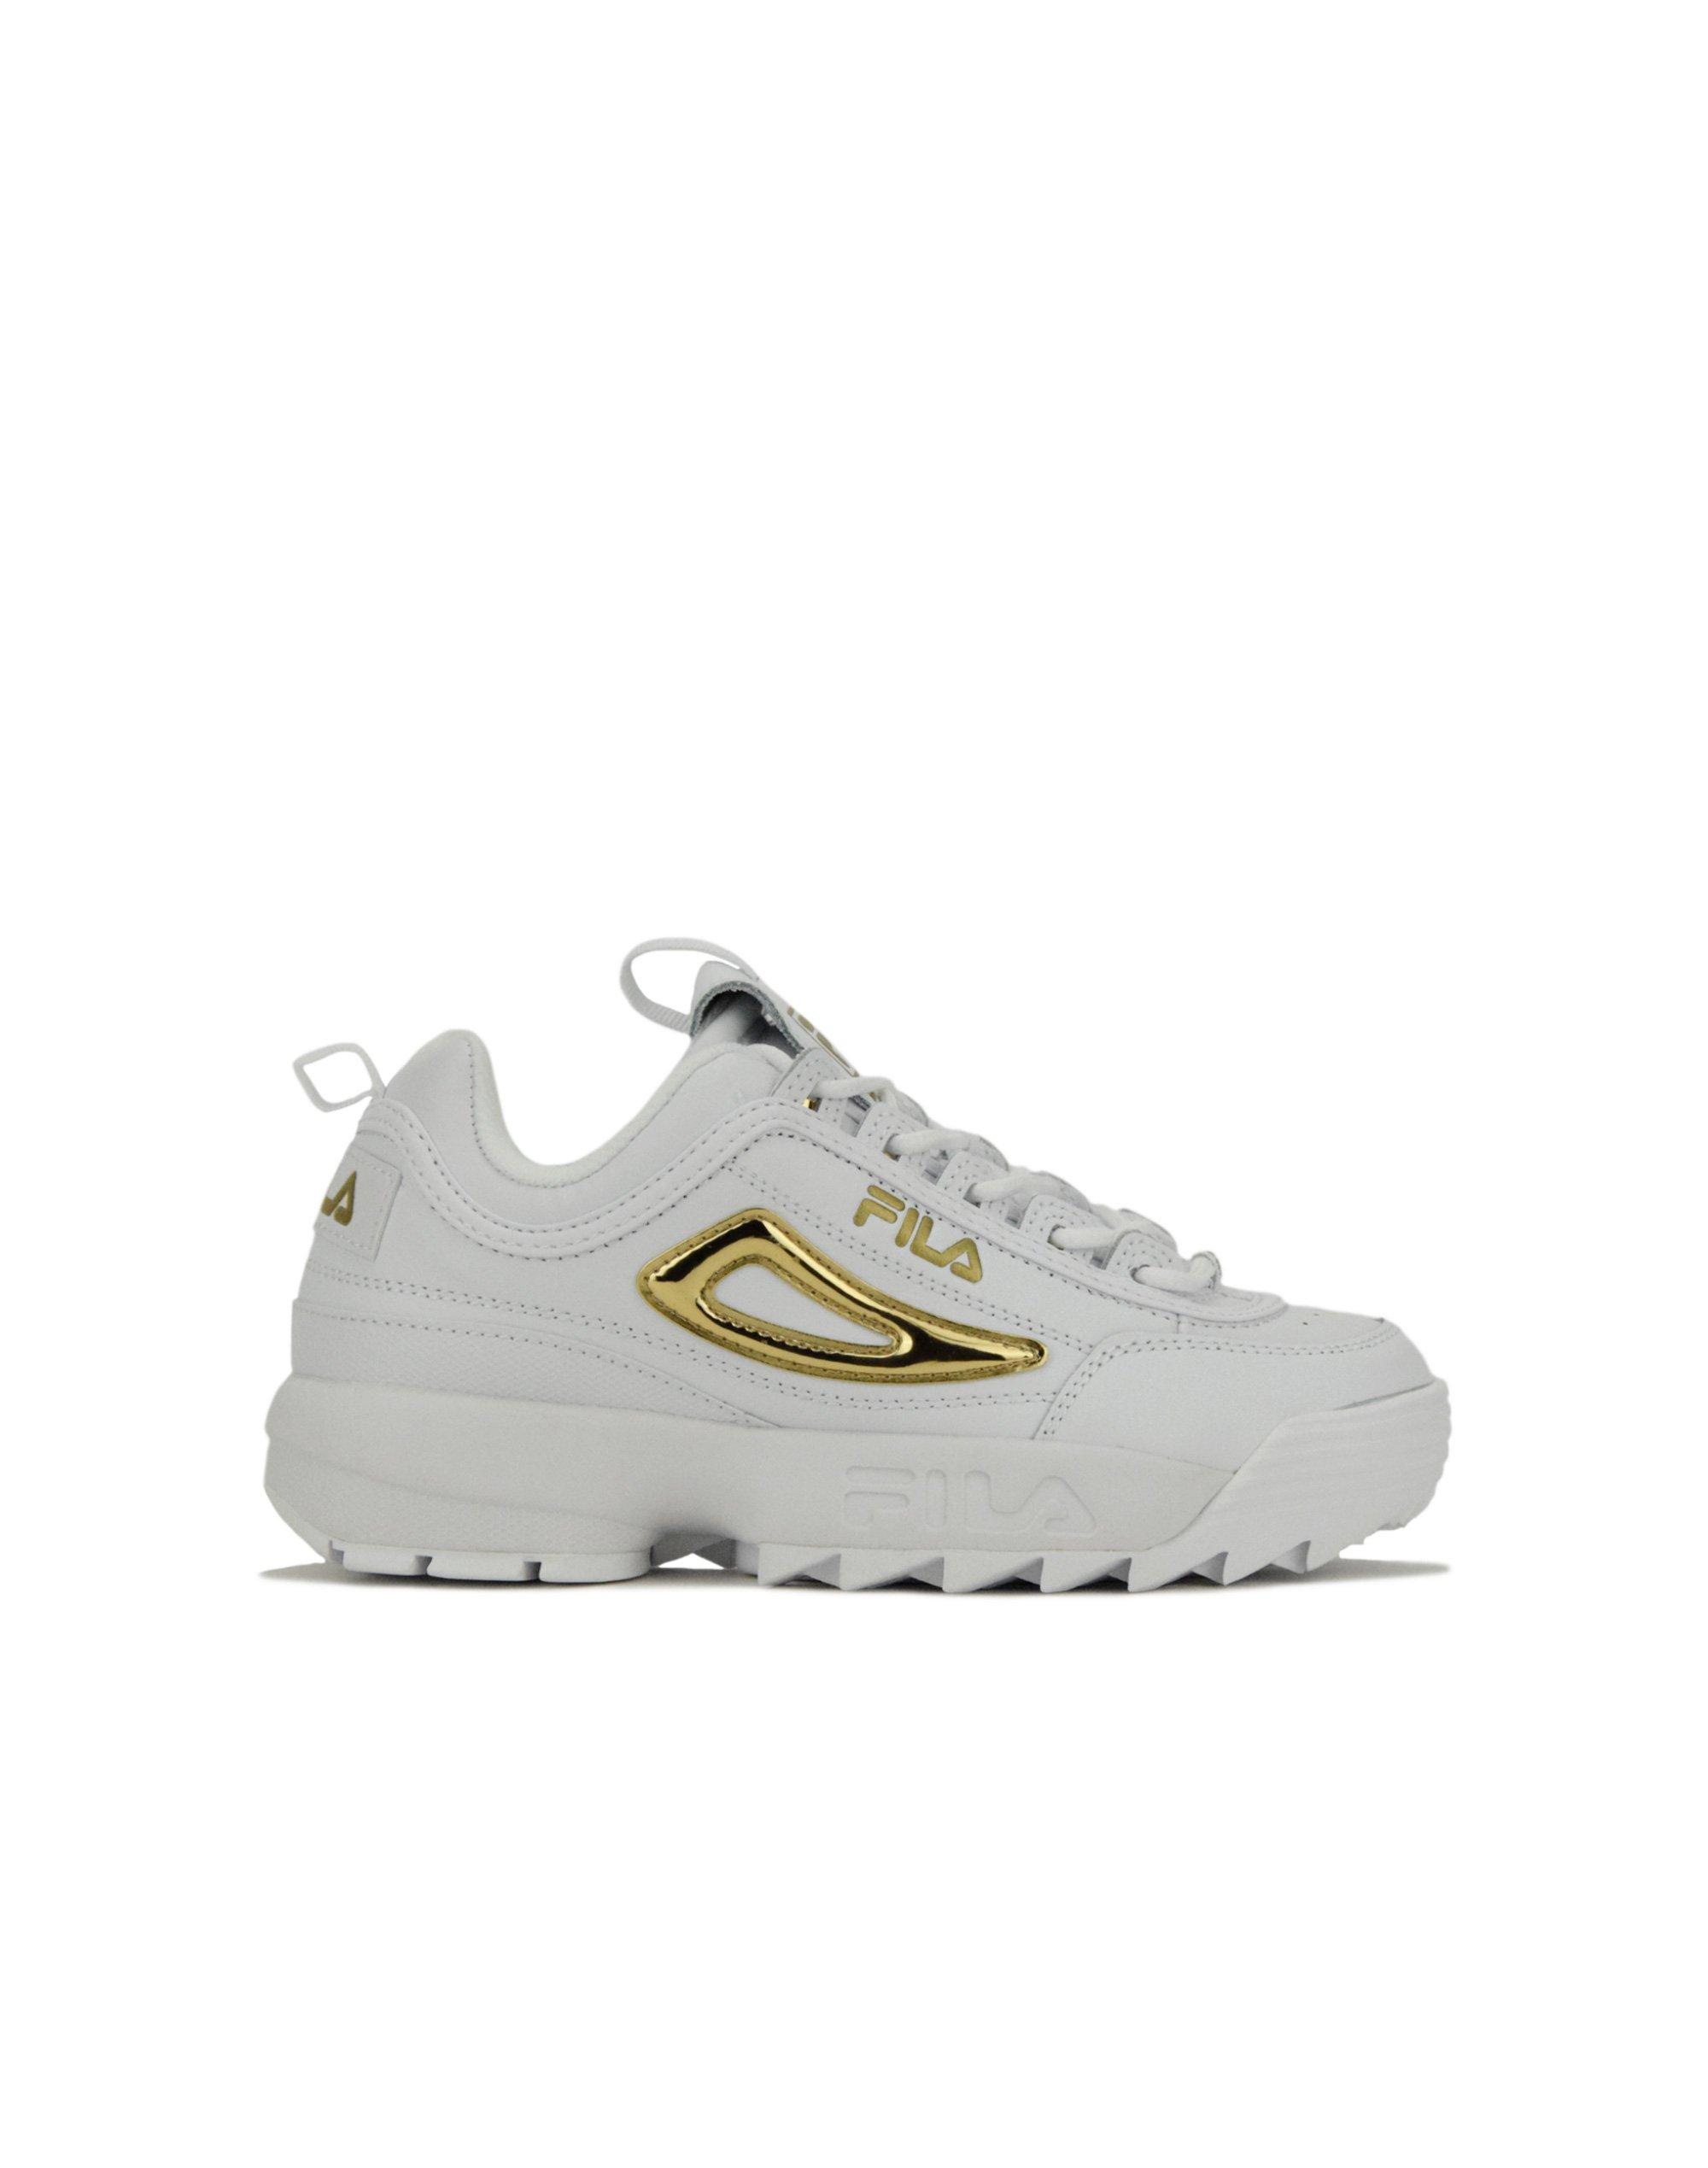 Trendstil Damen Schuhe LORBAC SANDALETTEN SIZE 37 BEIGE